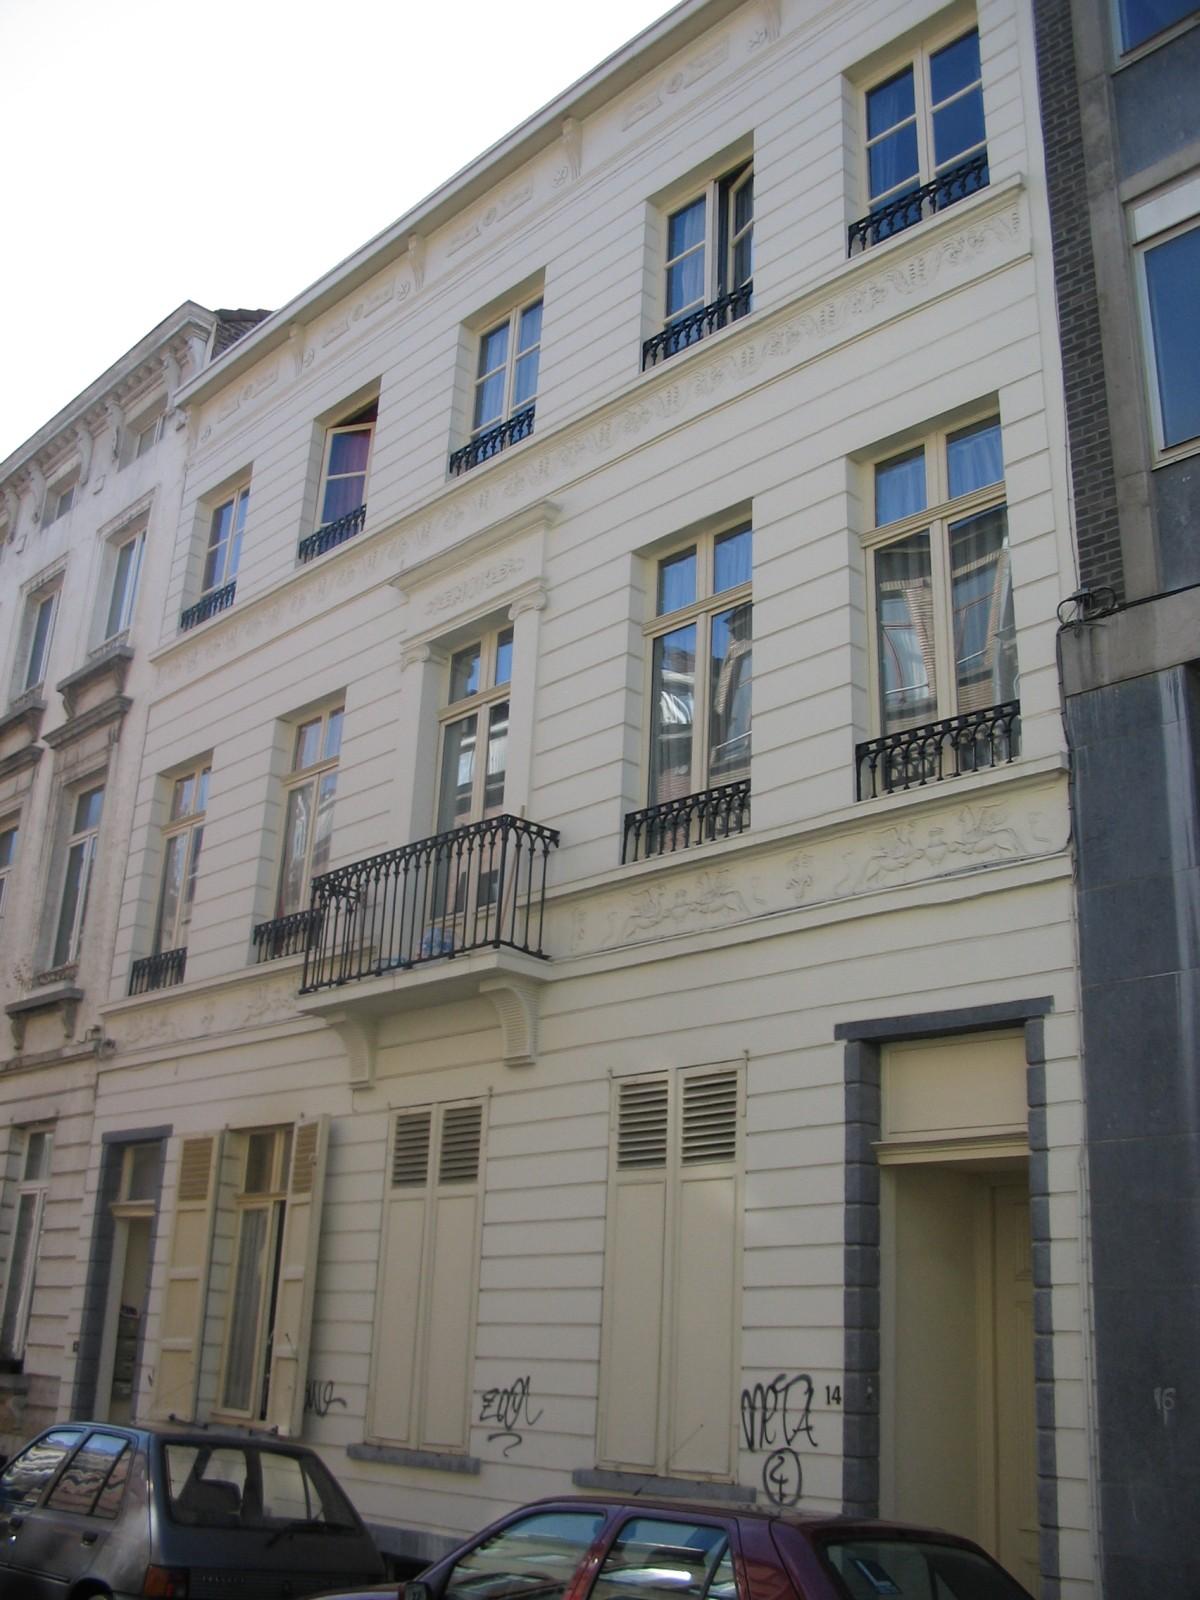 Style Empire, ensemble de deux maisons, rue Marcq 12-14, Bruxelles, 1826, maître-plafonneur J.F. Bonnevie., 2005